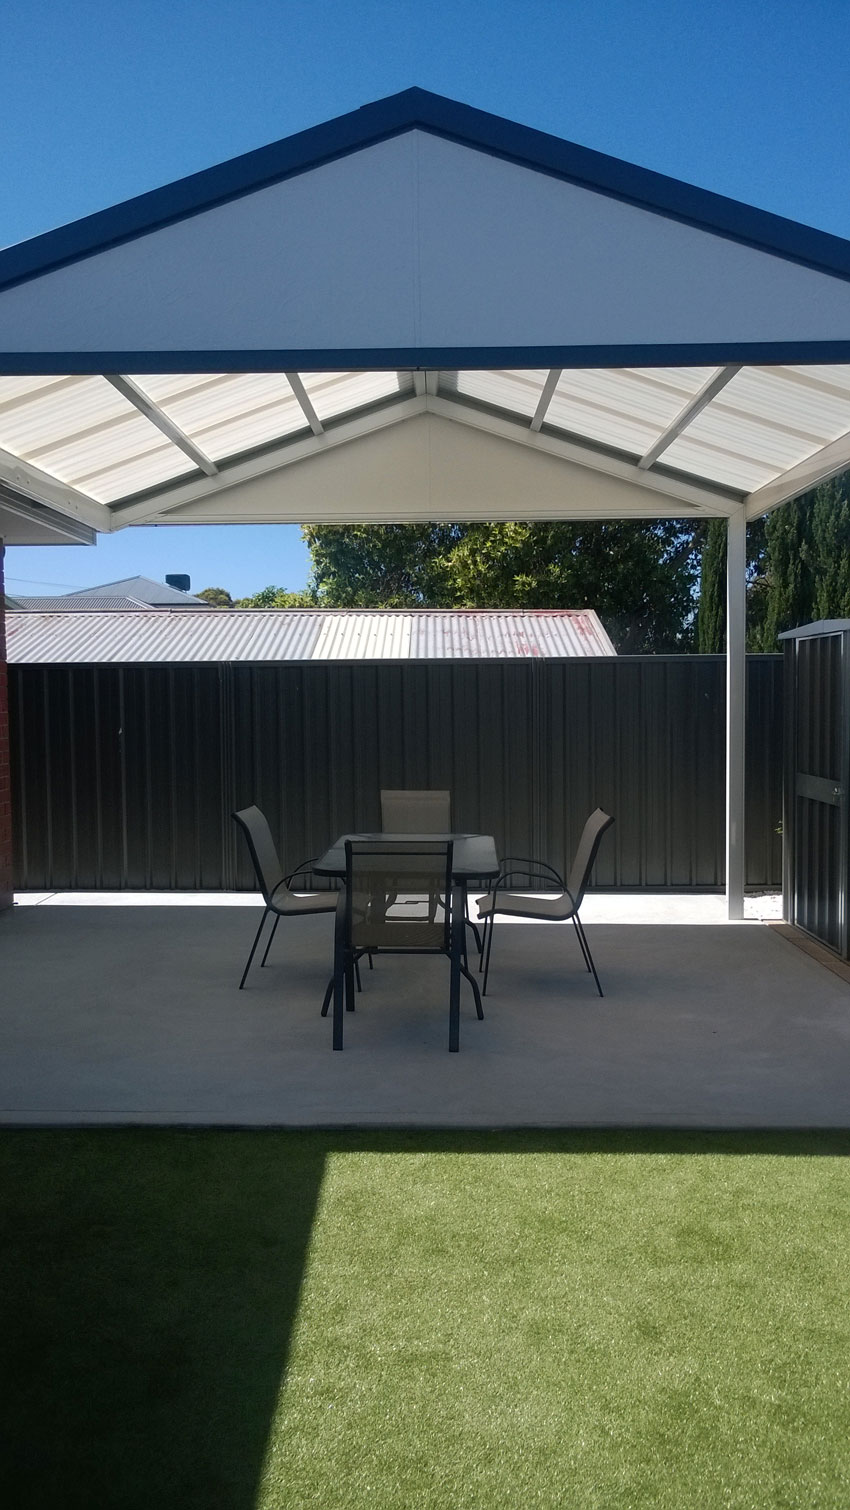 mccv-carports-verandahs-sheds-20